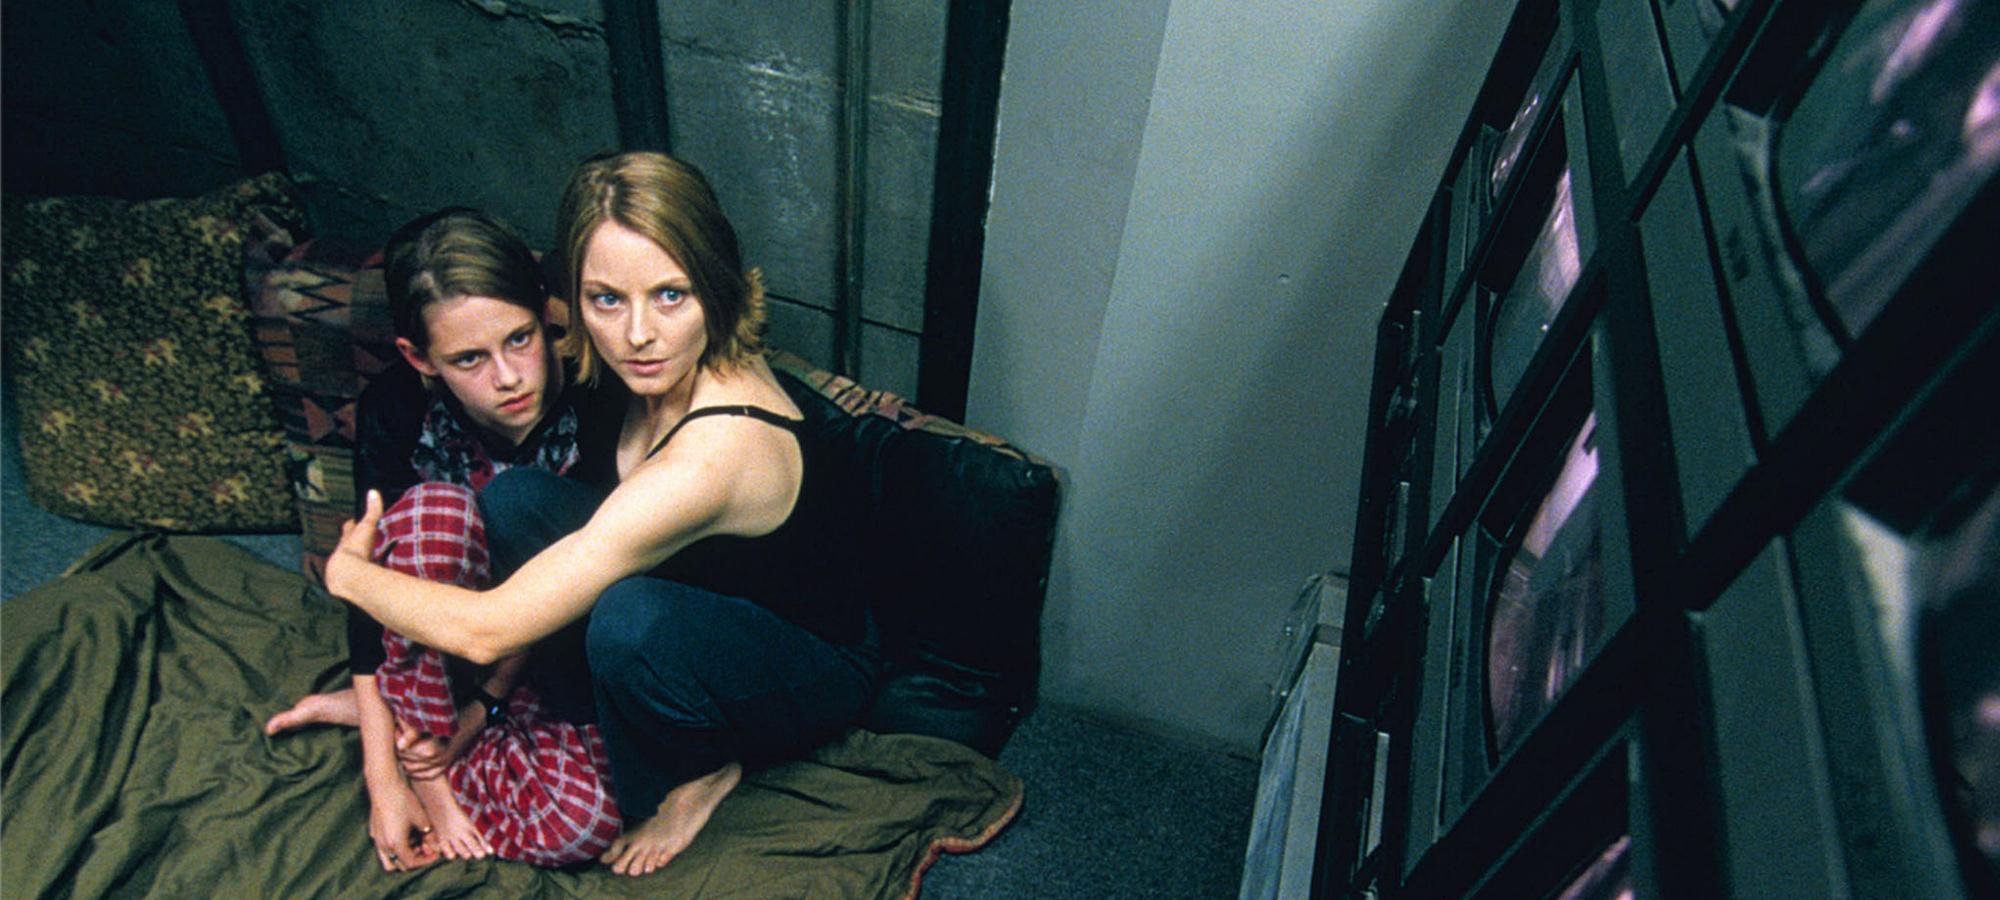 Panic Room Jodie Foster Kristen Stewart